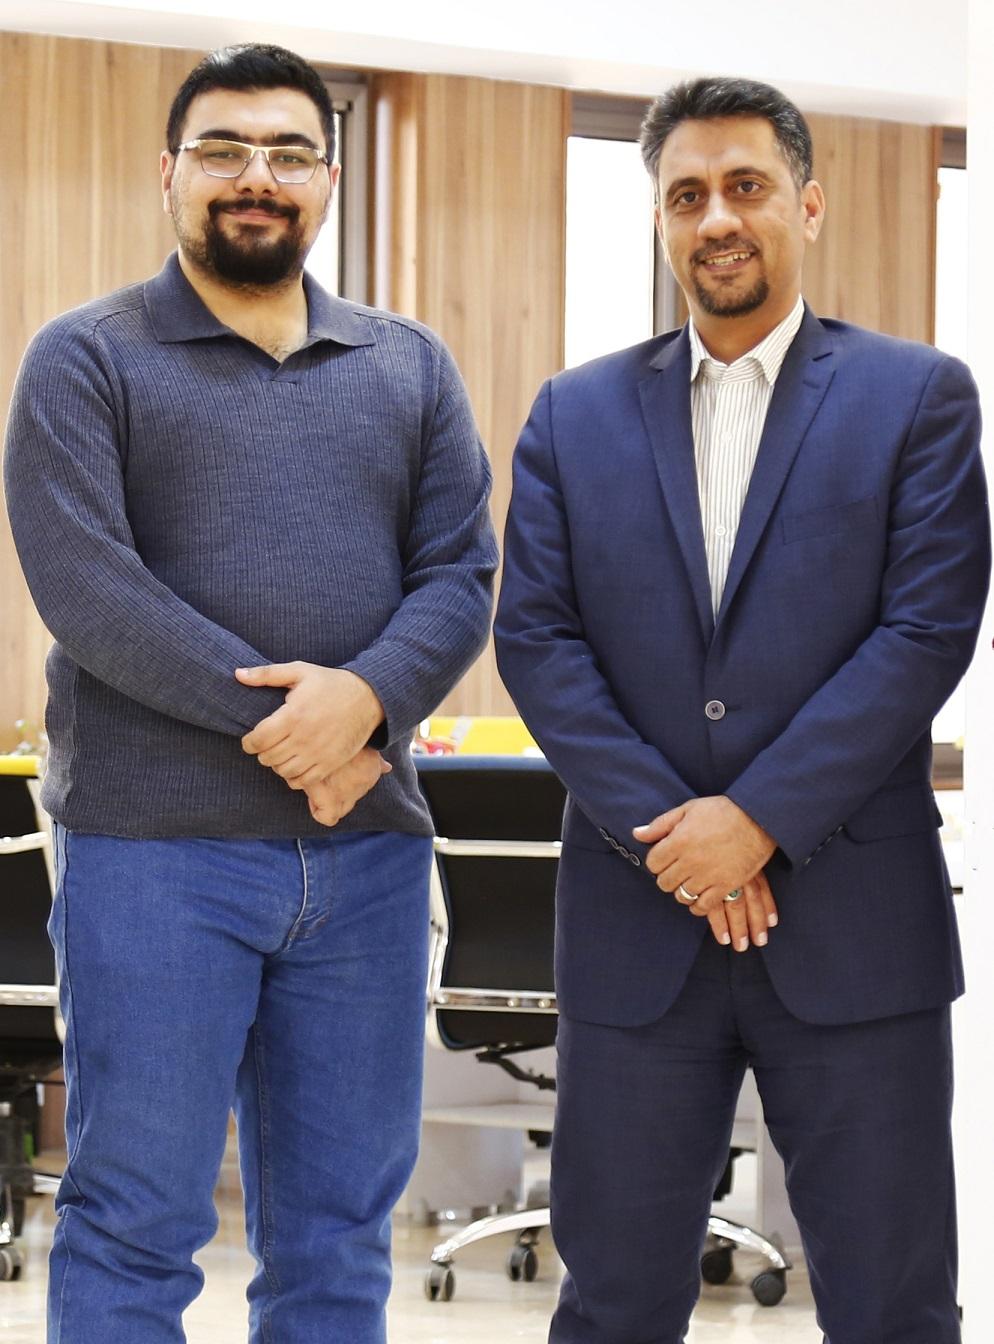 گفتگو با مدیران هاب شیراز